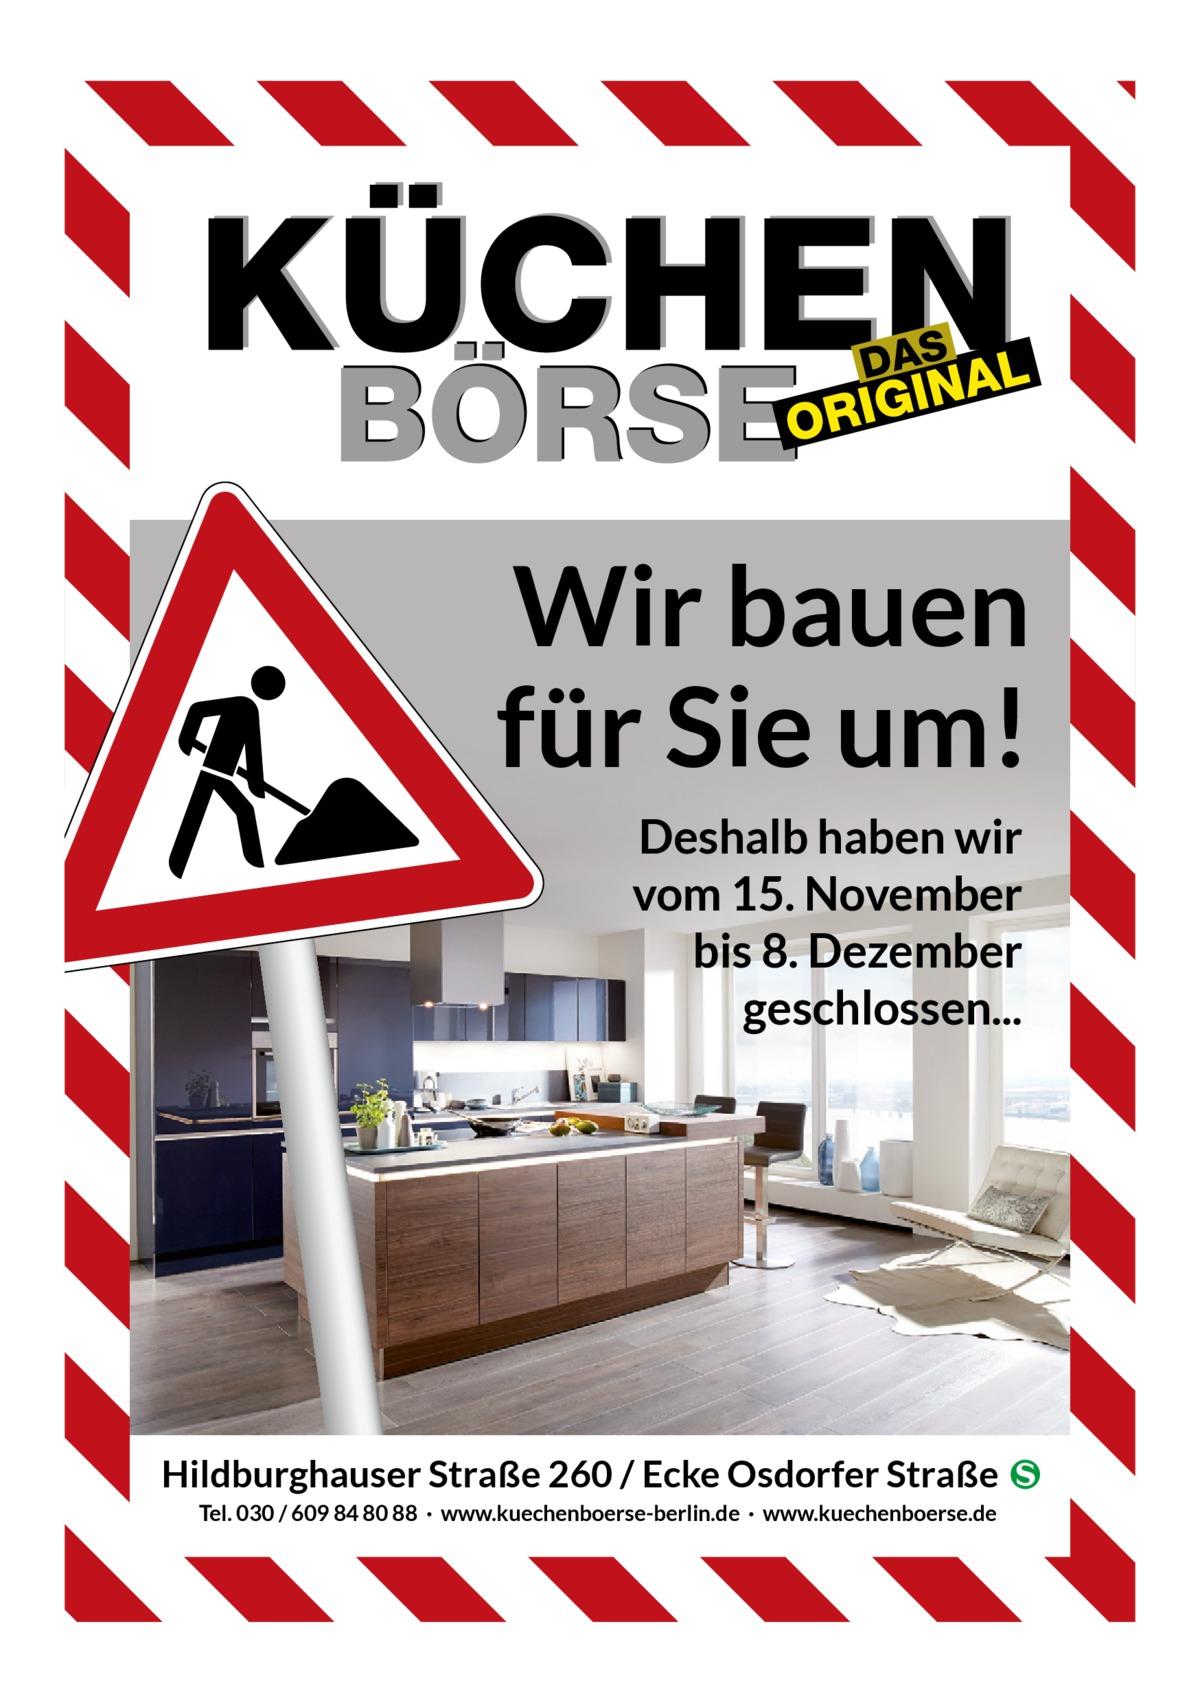 Wir bauen für Sie um! Deshalb haben wir vom 15. November bis 8. Dezember geschlossen...  Hildburghauser Straße 260 / Ecke Osdorfer Straße � Tel. 030 / 609 84 80 88 · www.kuechenboerse-berlin.de · www.kuechenboerse.de